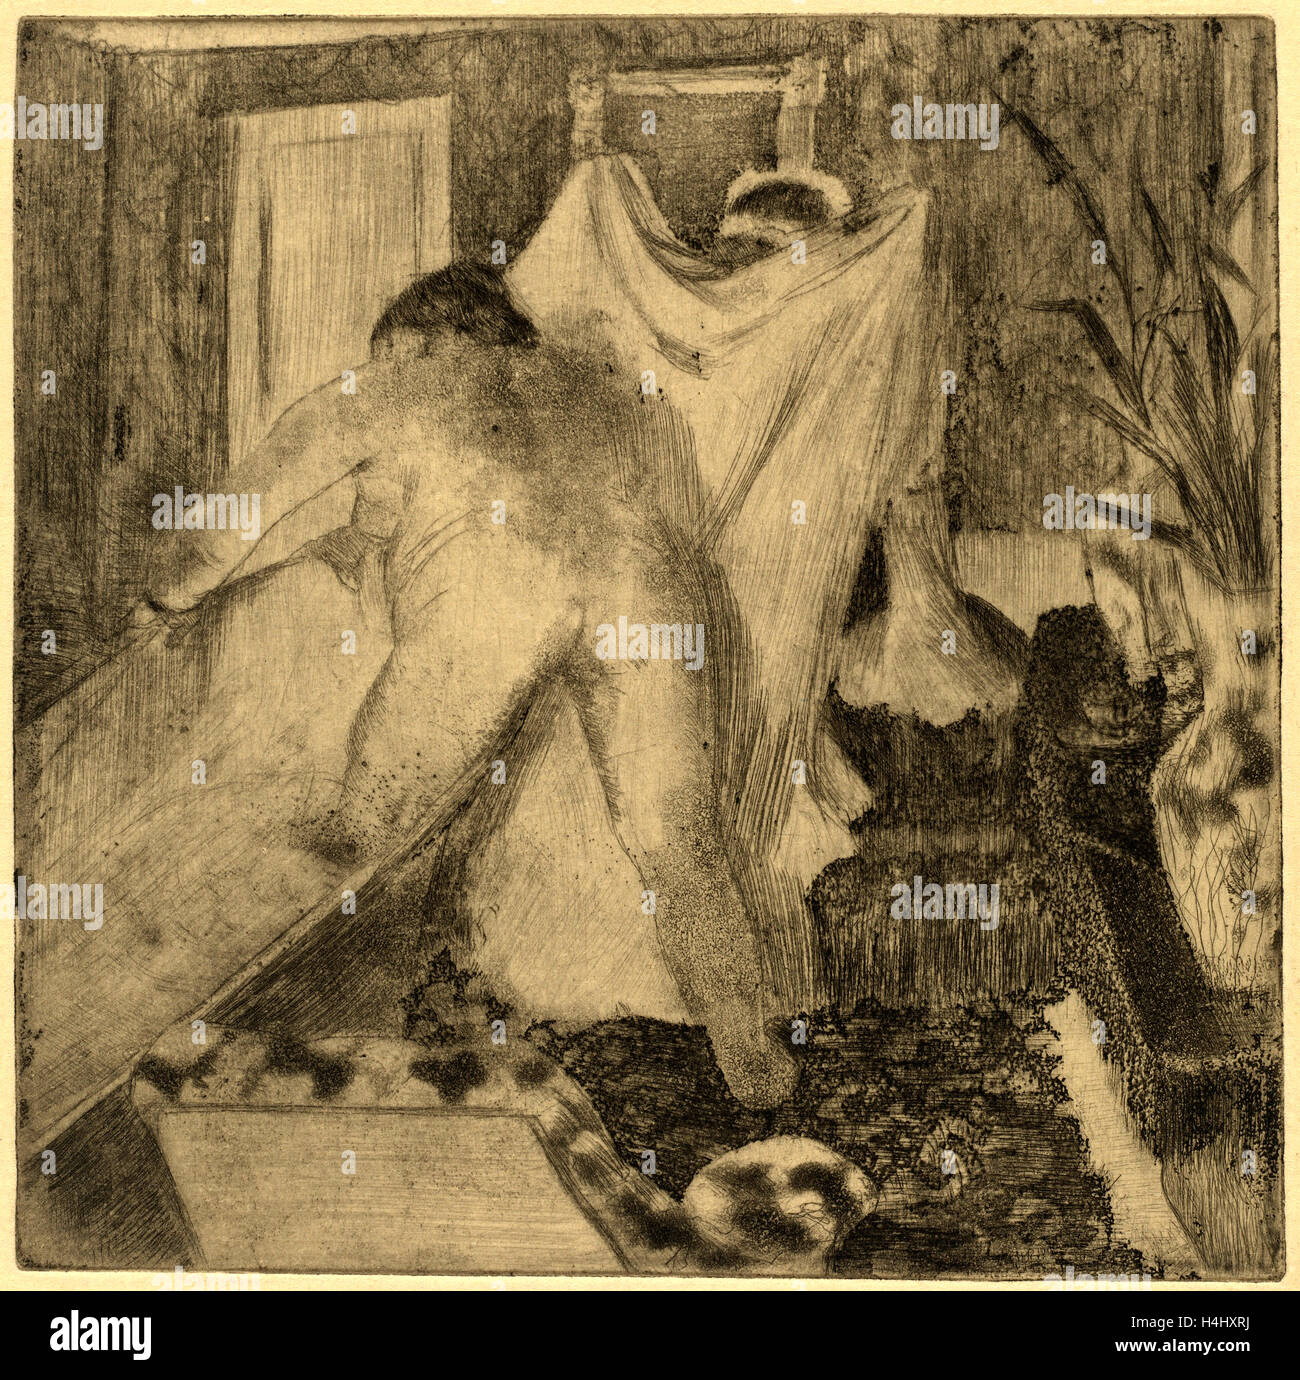 Edgar Degas, verlassen das Bad (La Sortie du Bain), Französisch, 1834-1917,  c. 1879-1880, elektrische Farbstift, Radierung, Kaltnadelradierung